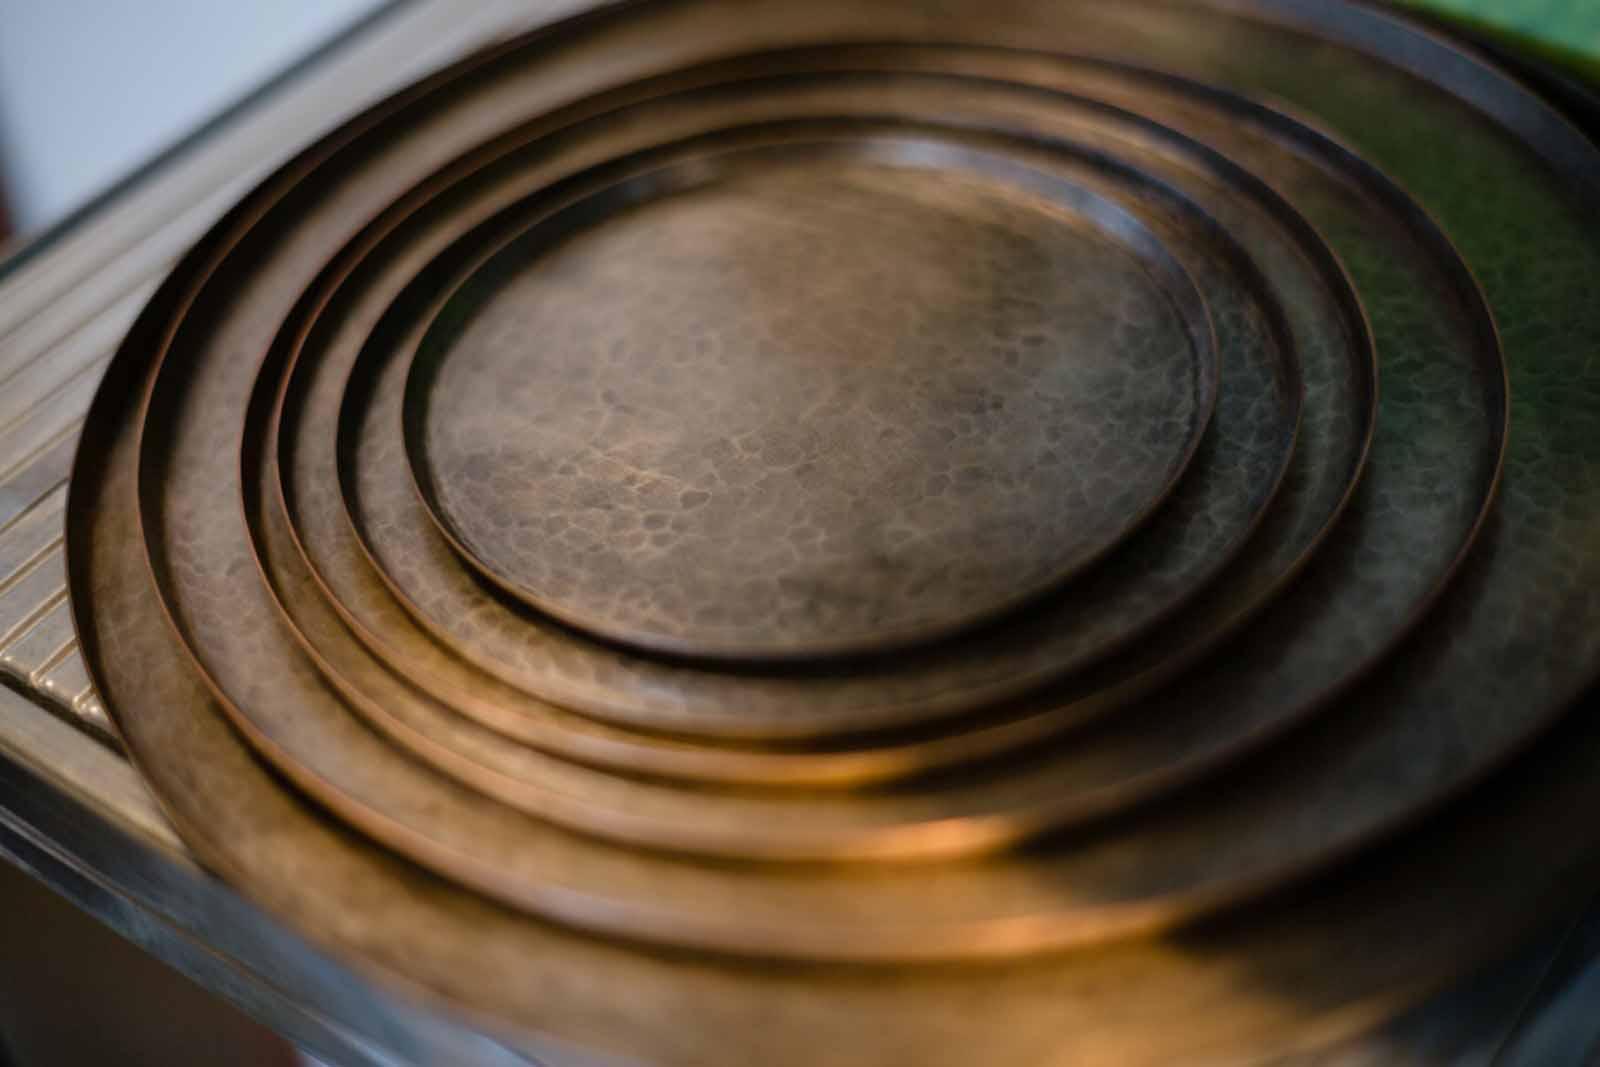 燕の鎚起銅器のトレイ。お会計のトレイも鎚起銅器製でした。